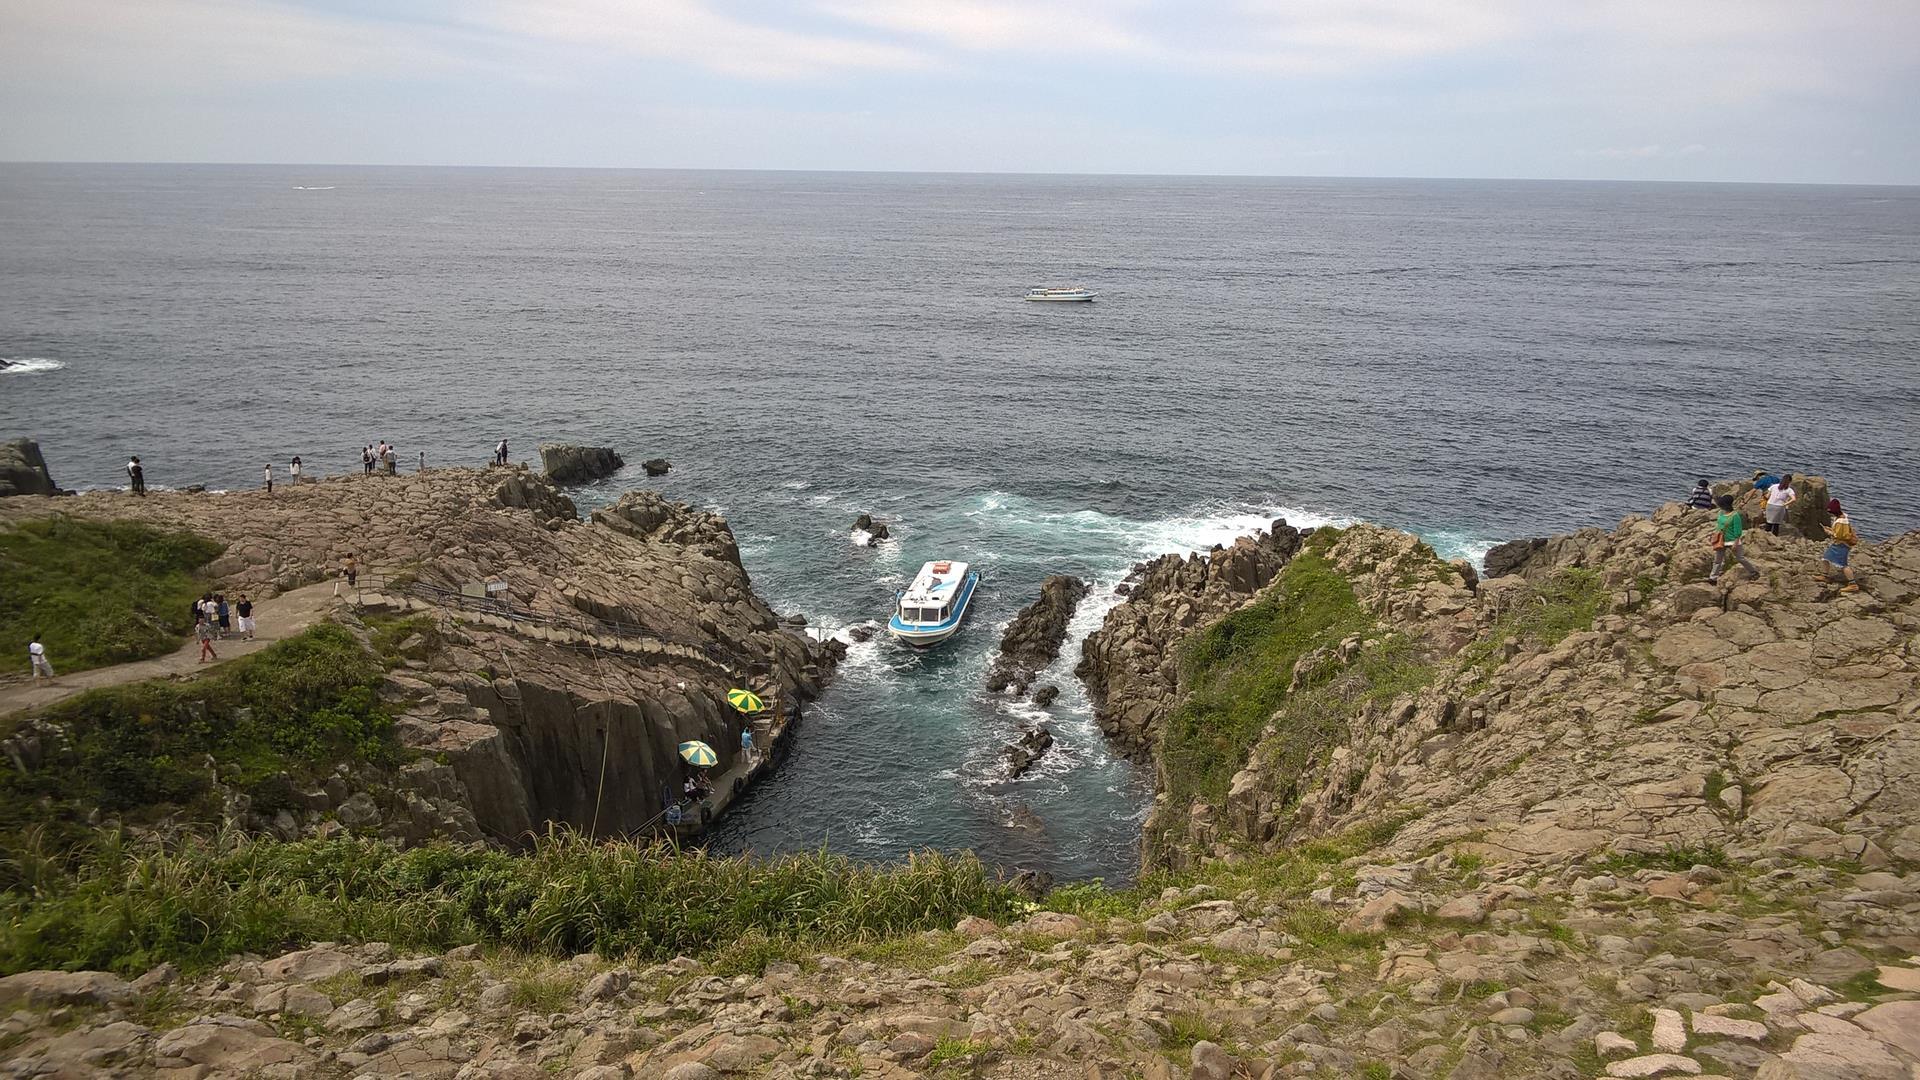 Zwischen den engen Klippen legen Schiffe für Besucher an